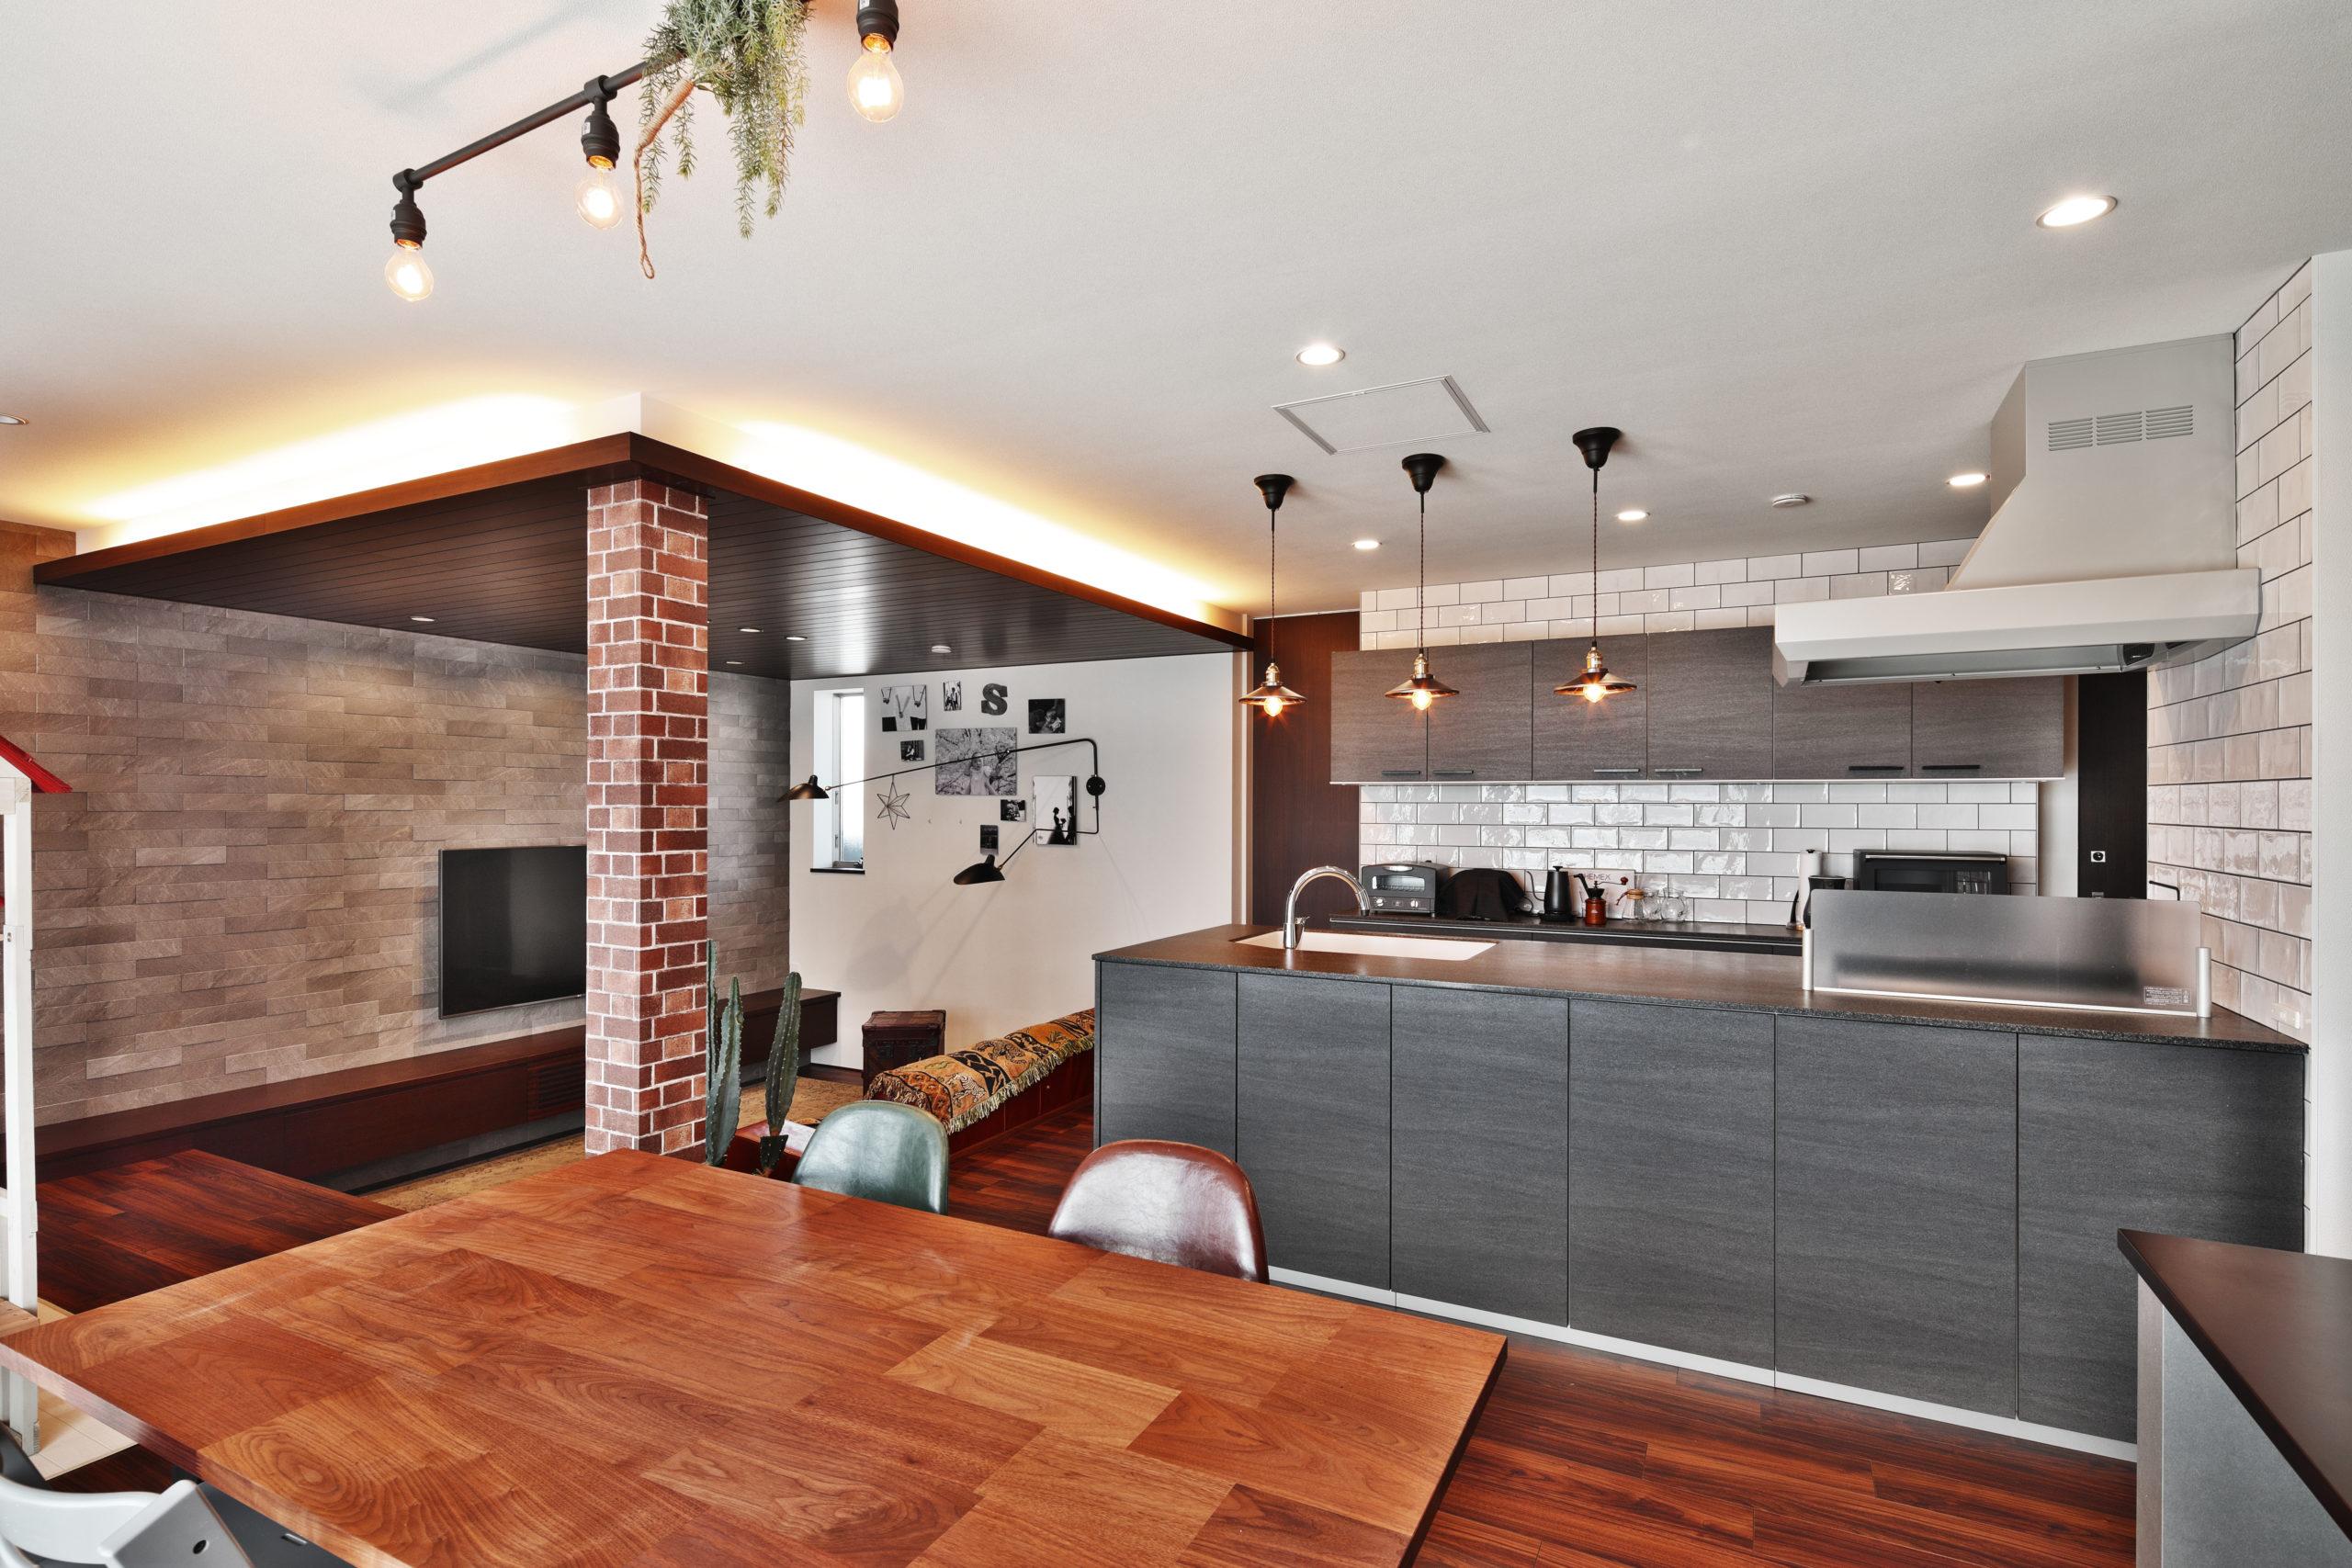 3階ダイニング、キッチン、リビングのつながり。レンガ調の壁紙を巻き、柱に存在感を与える